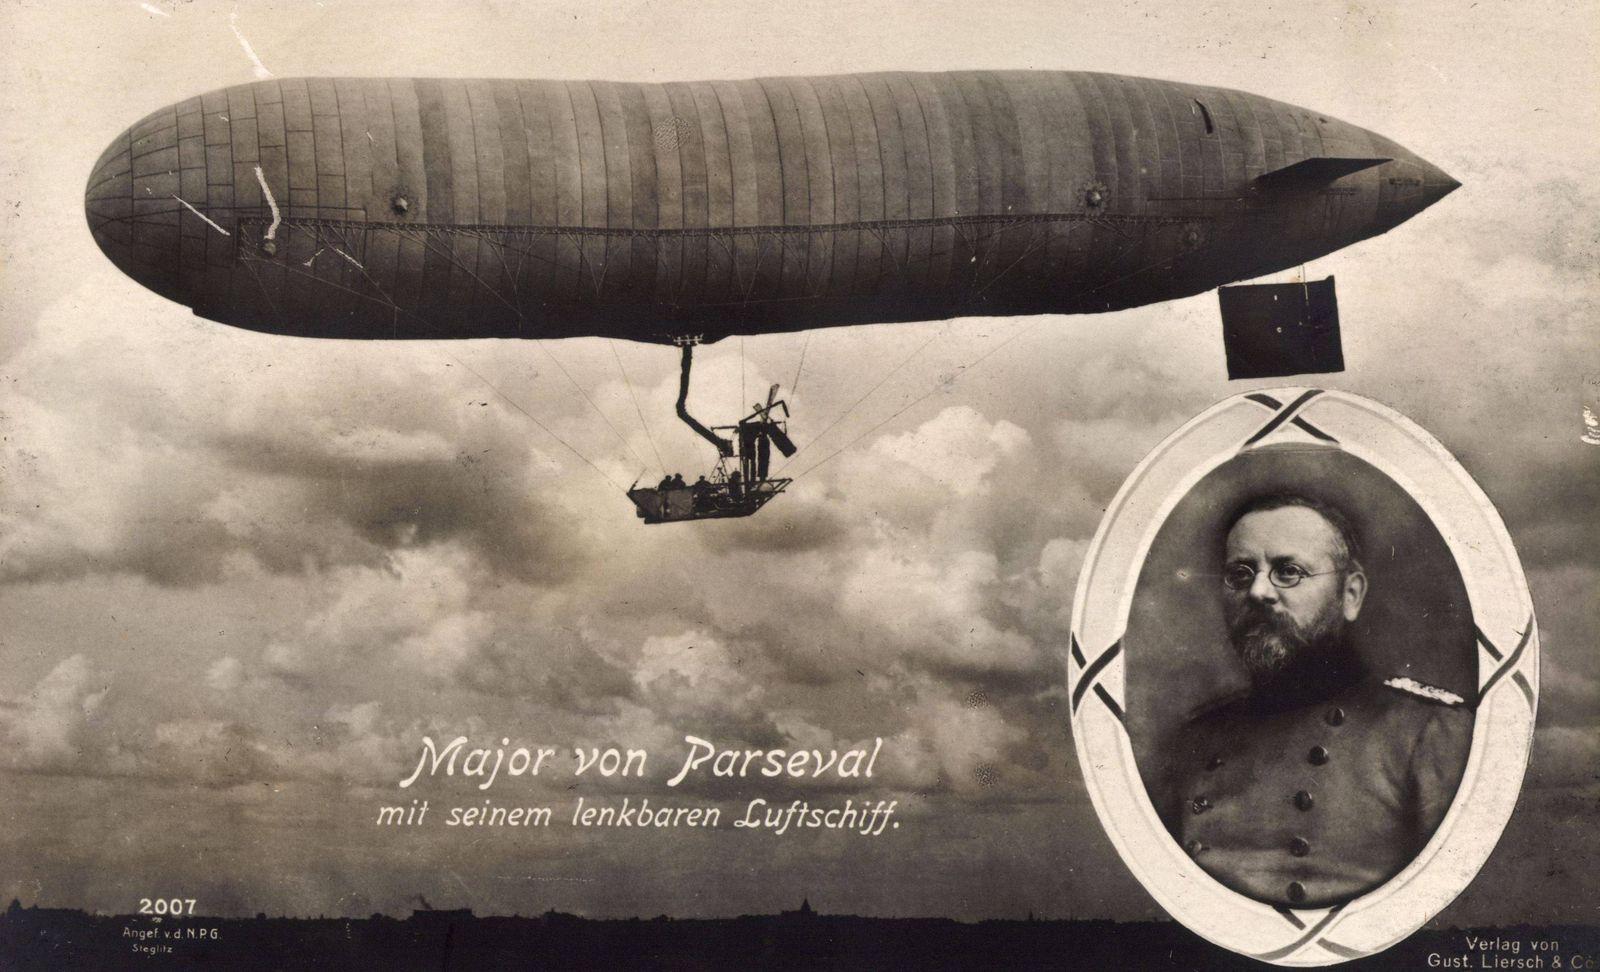 Major August von Parseval mit seinem lenkbaren Luftschiff Zeppelin NPG 2007 AUFNAHMEDATUM GESCHÄT